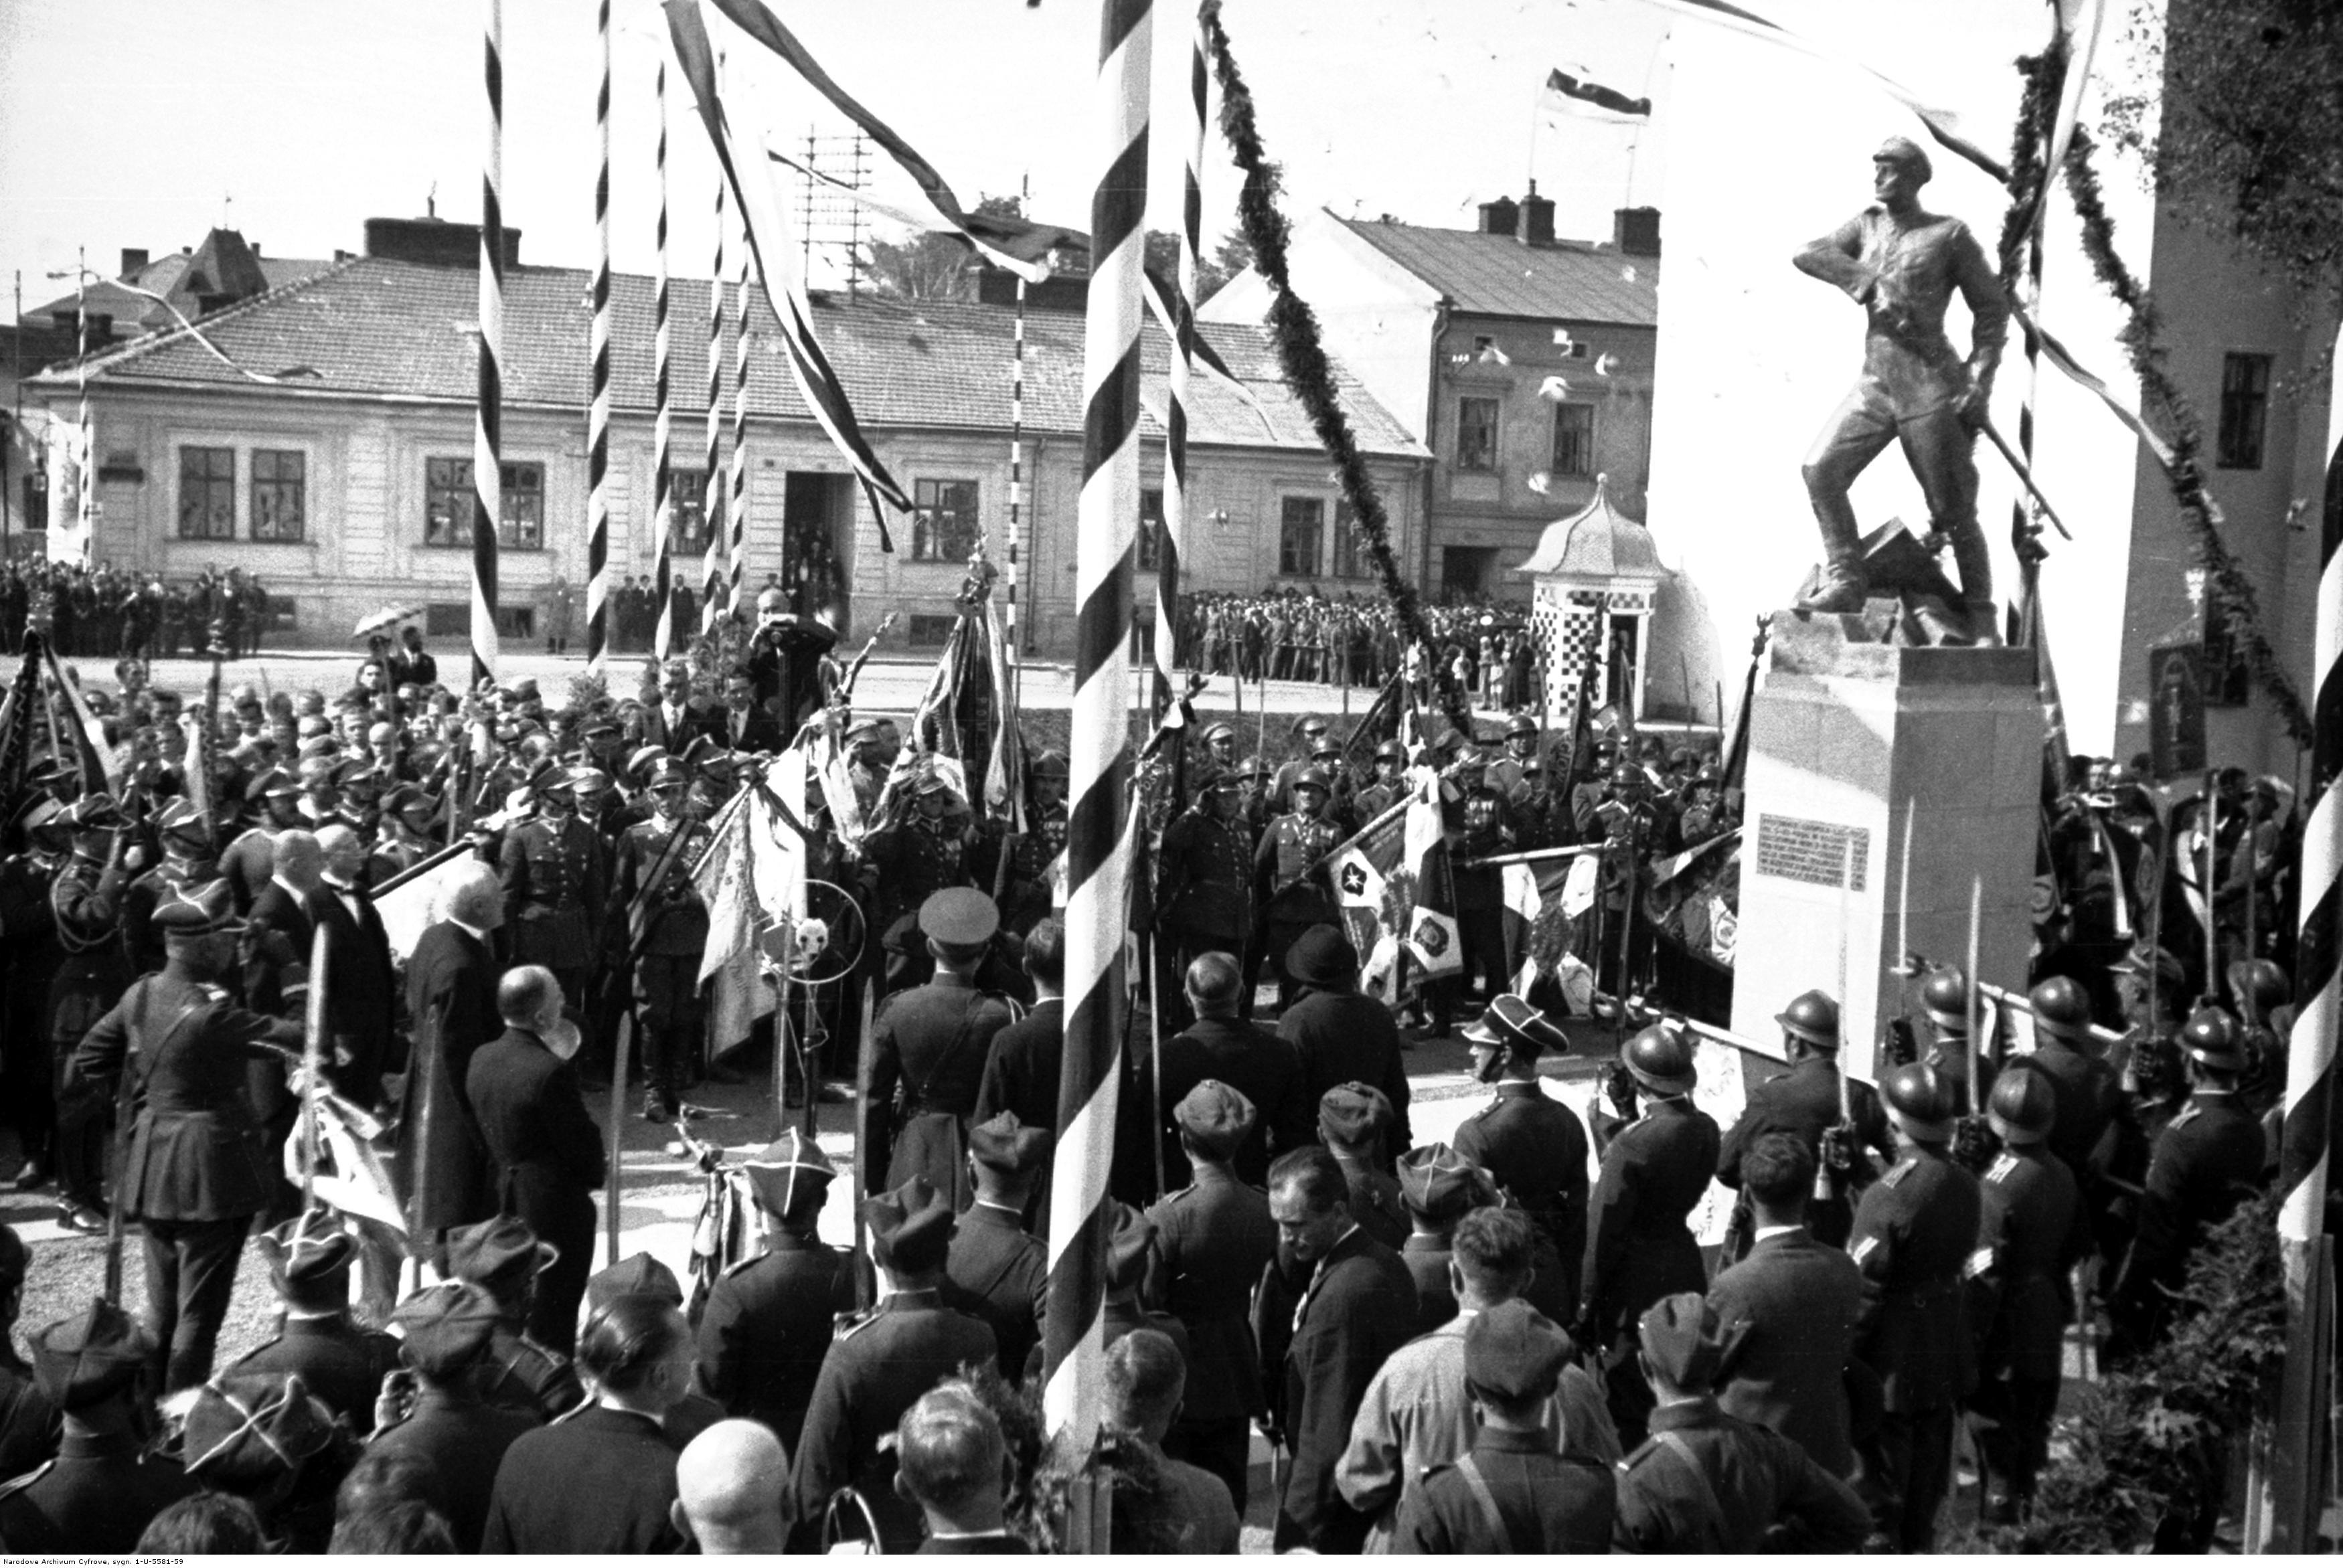 Rzeszów. Uroczystość odsłonięcia pomnika Leopolda Lisa-Kuli. Przemówienie prezydenta Ignacego Mościckiego pod pomnikiem, rok 1932-09-19